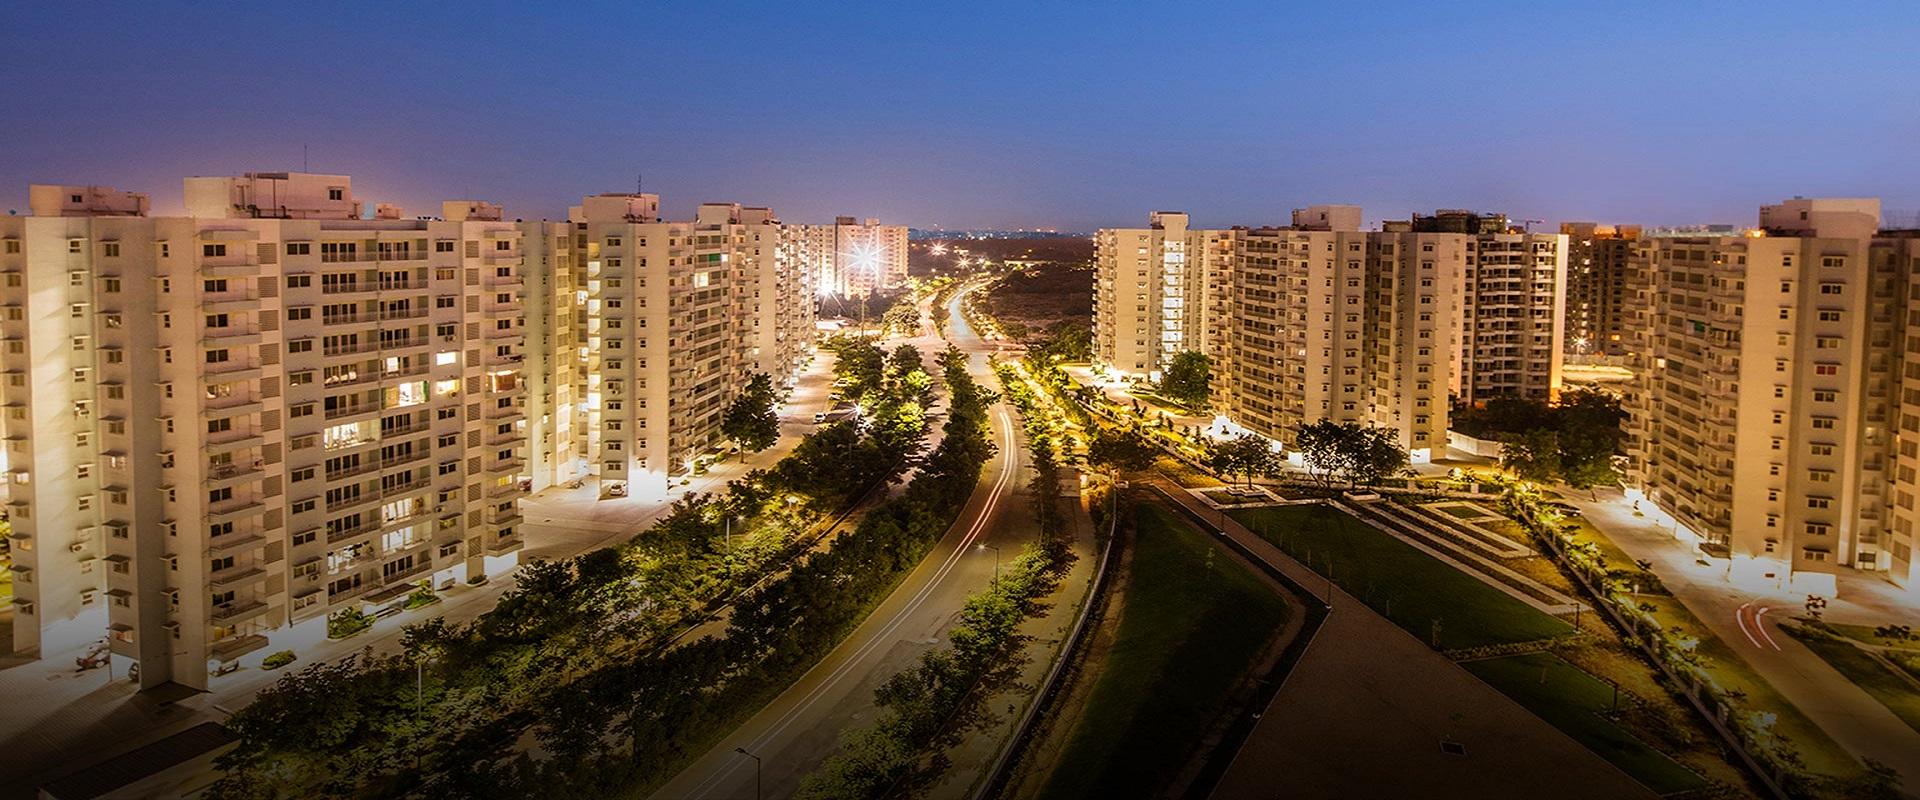 Godrej Garden City, Ahmedabad